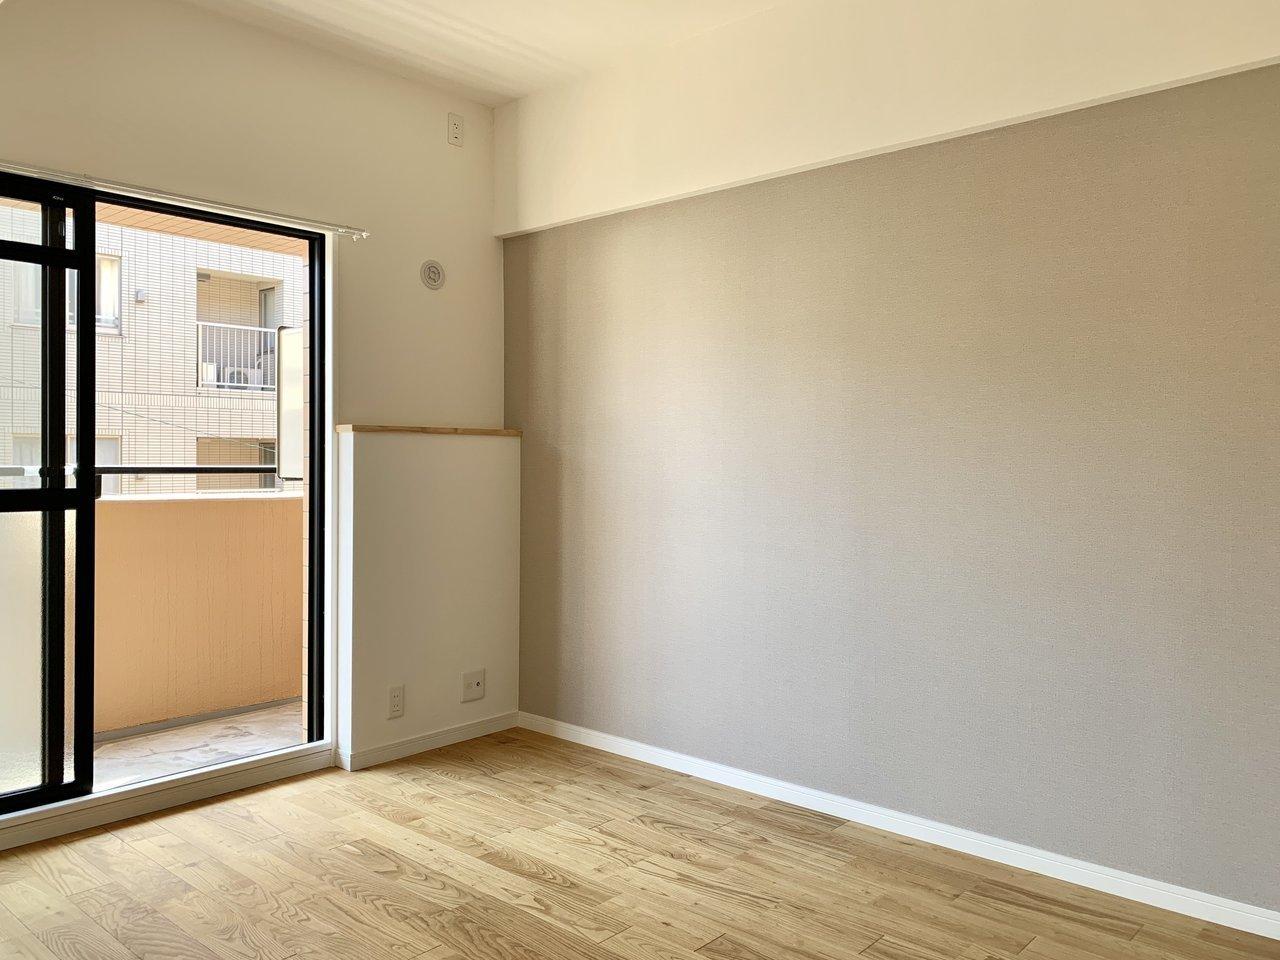 洋室のうち二部屋はリビングに隣接しています。家族の存在を感じながら過ごす暮らし。いいですね。